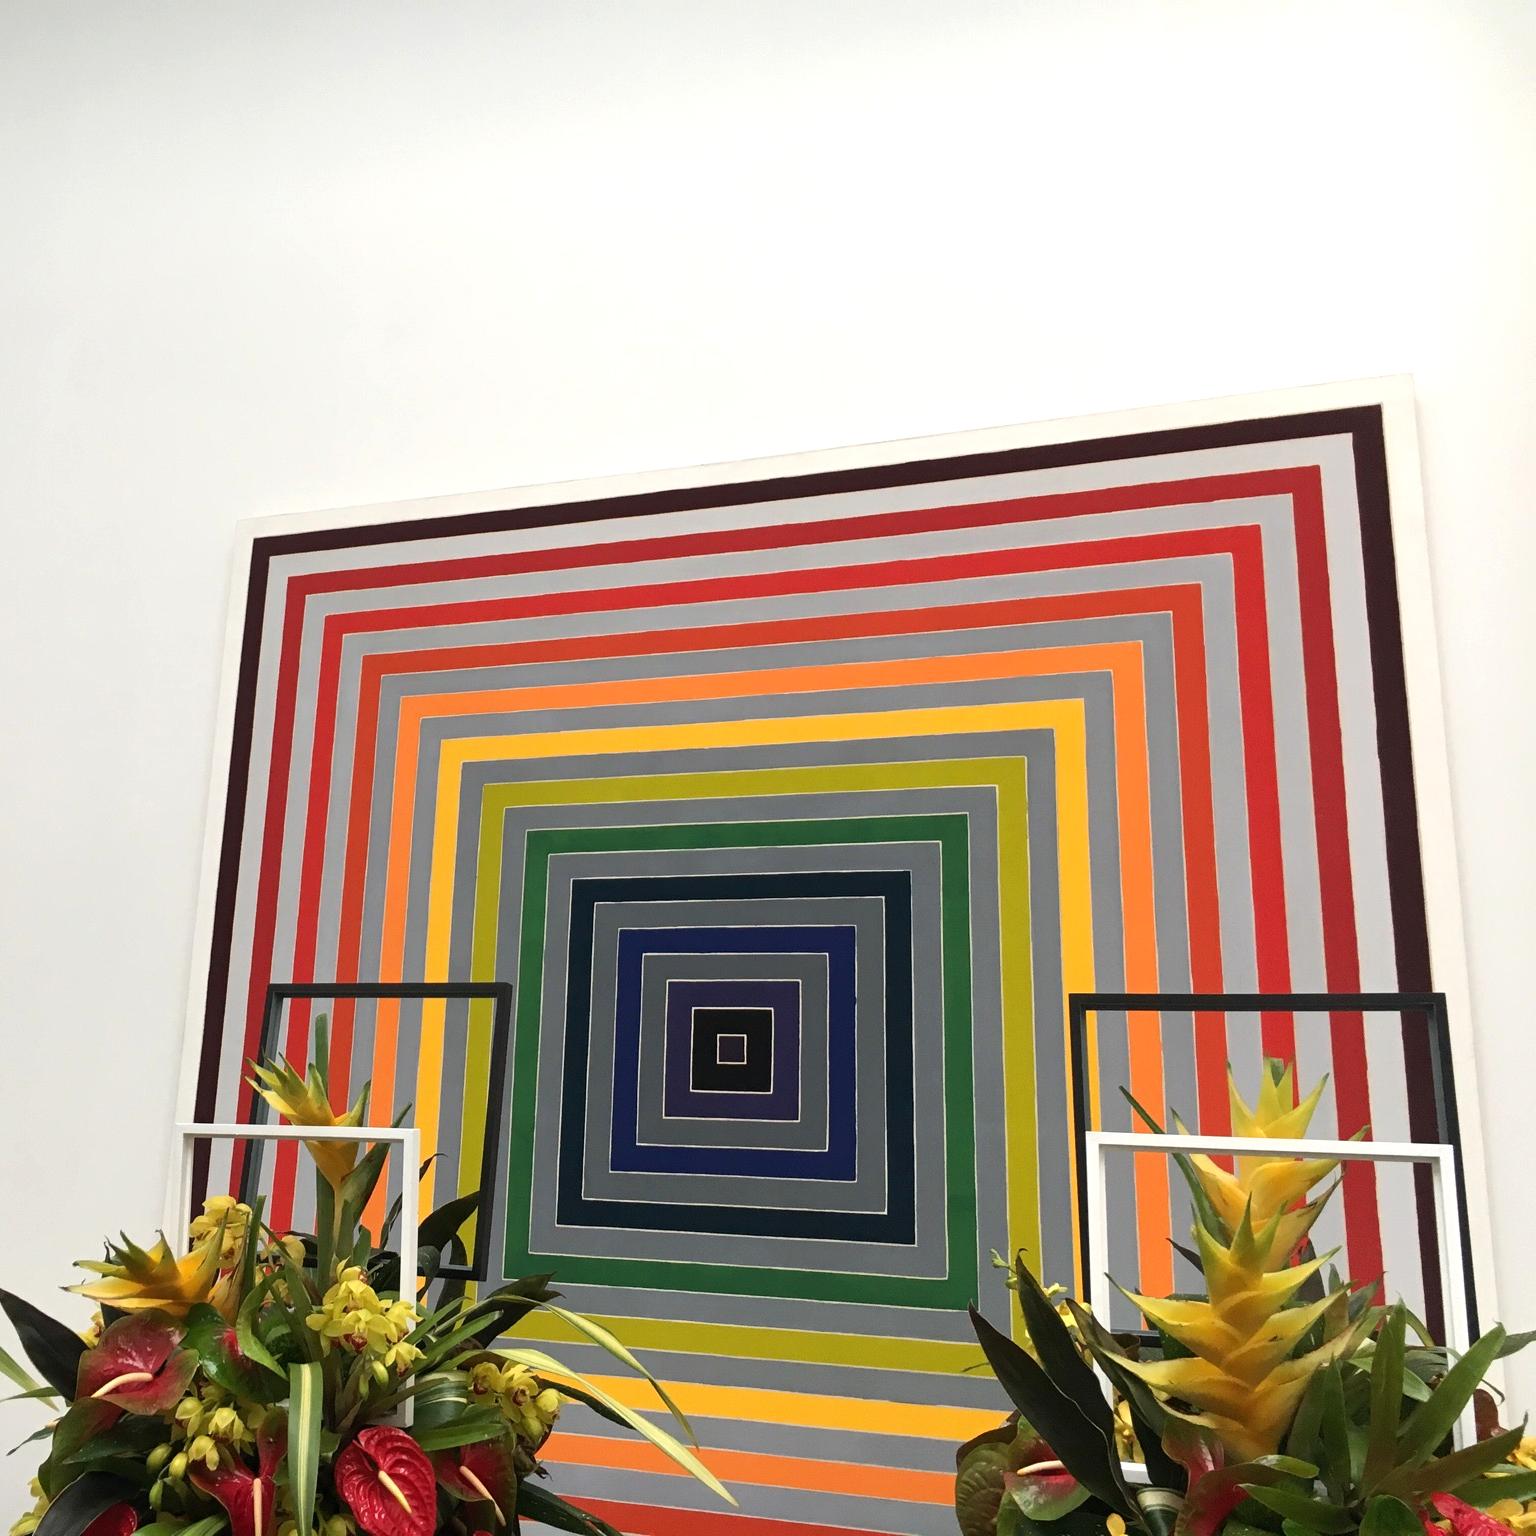 BOUQUETS TO ART: DE YOUNG MUSEUM - APR. 2016